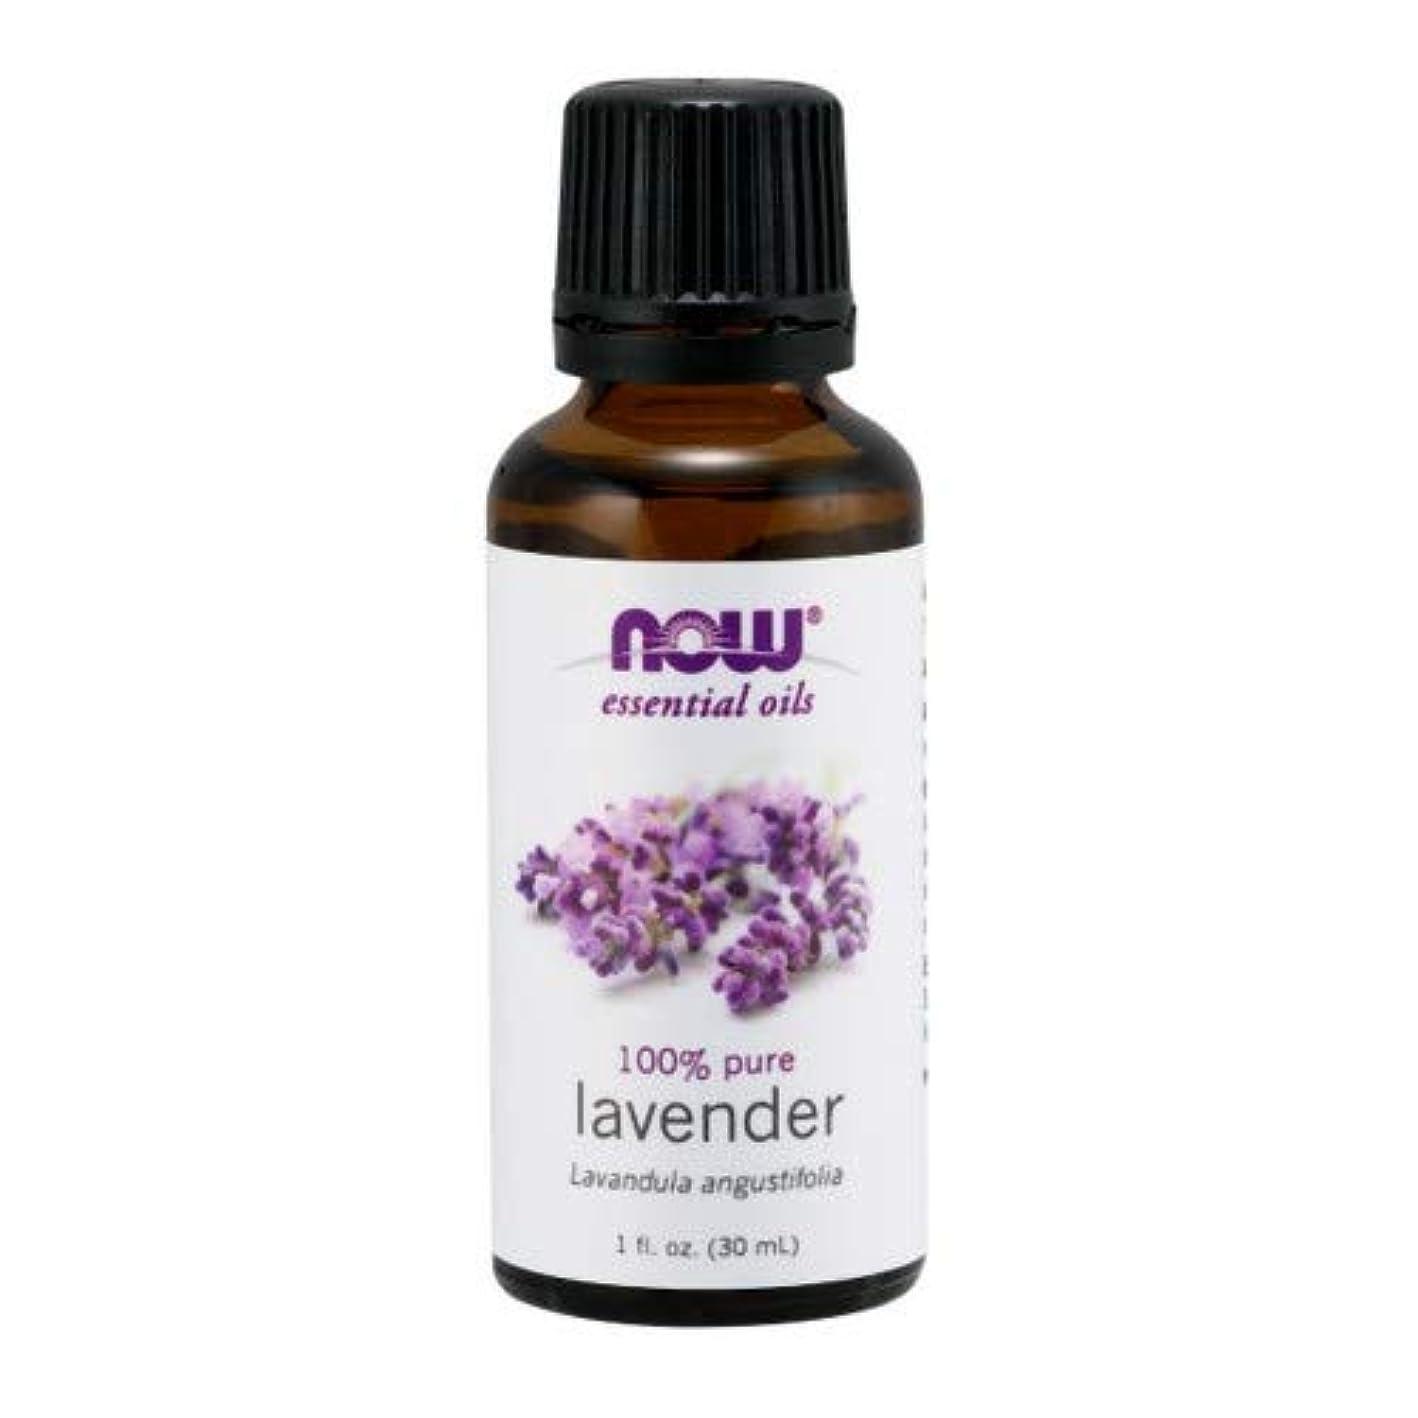 空白社会学自信があるエッセンシャルオイル ラベンダーオイル 30ml 2個セット ナウフーズ 並行輸入品 NOW Foods Essential Oils Lavender 1 oz Pack of 2